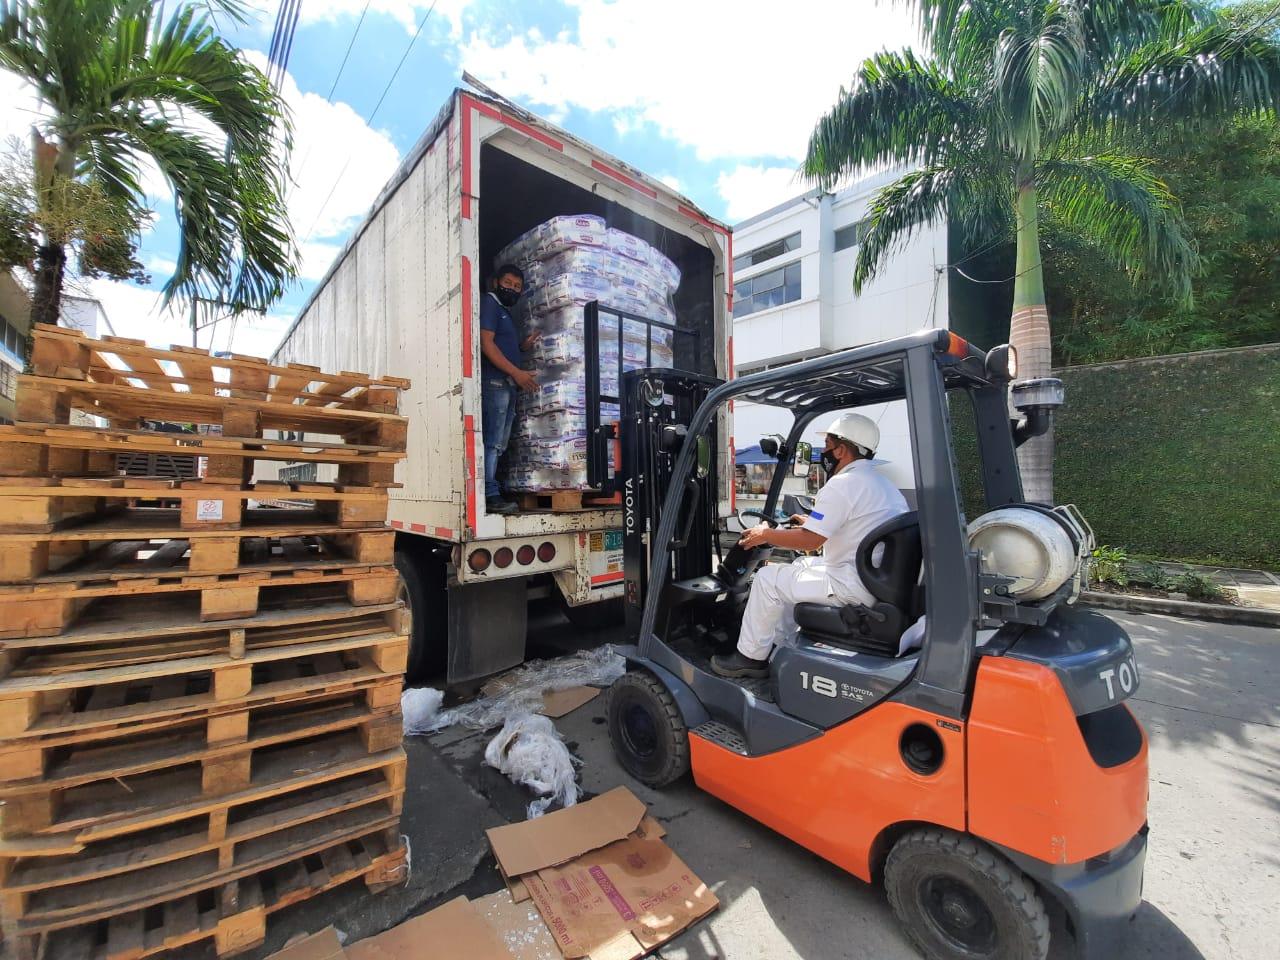 Ayuda humanitaria fue enviada a Providencia, Cartagena y Chocó